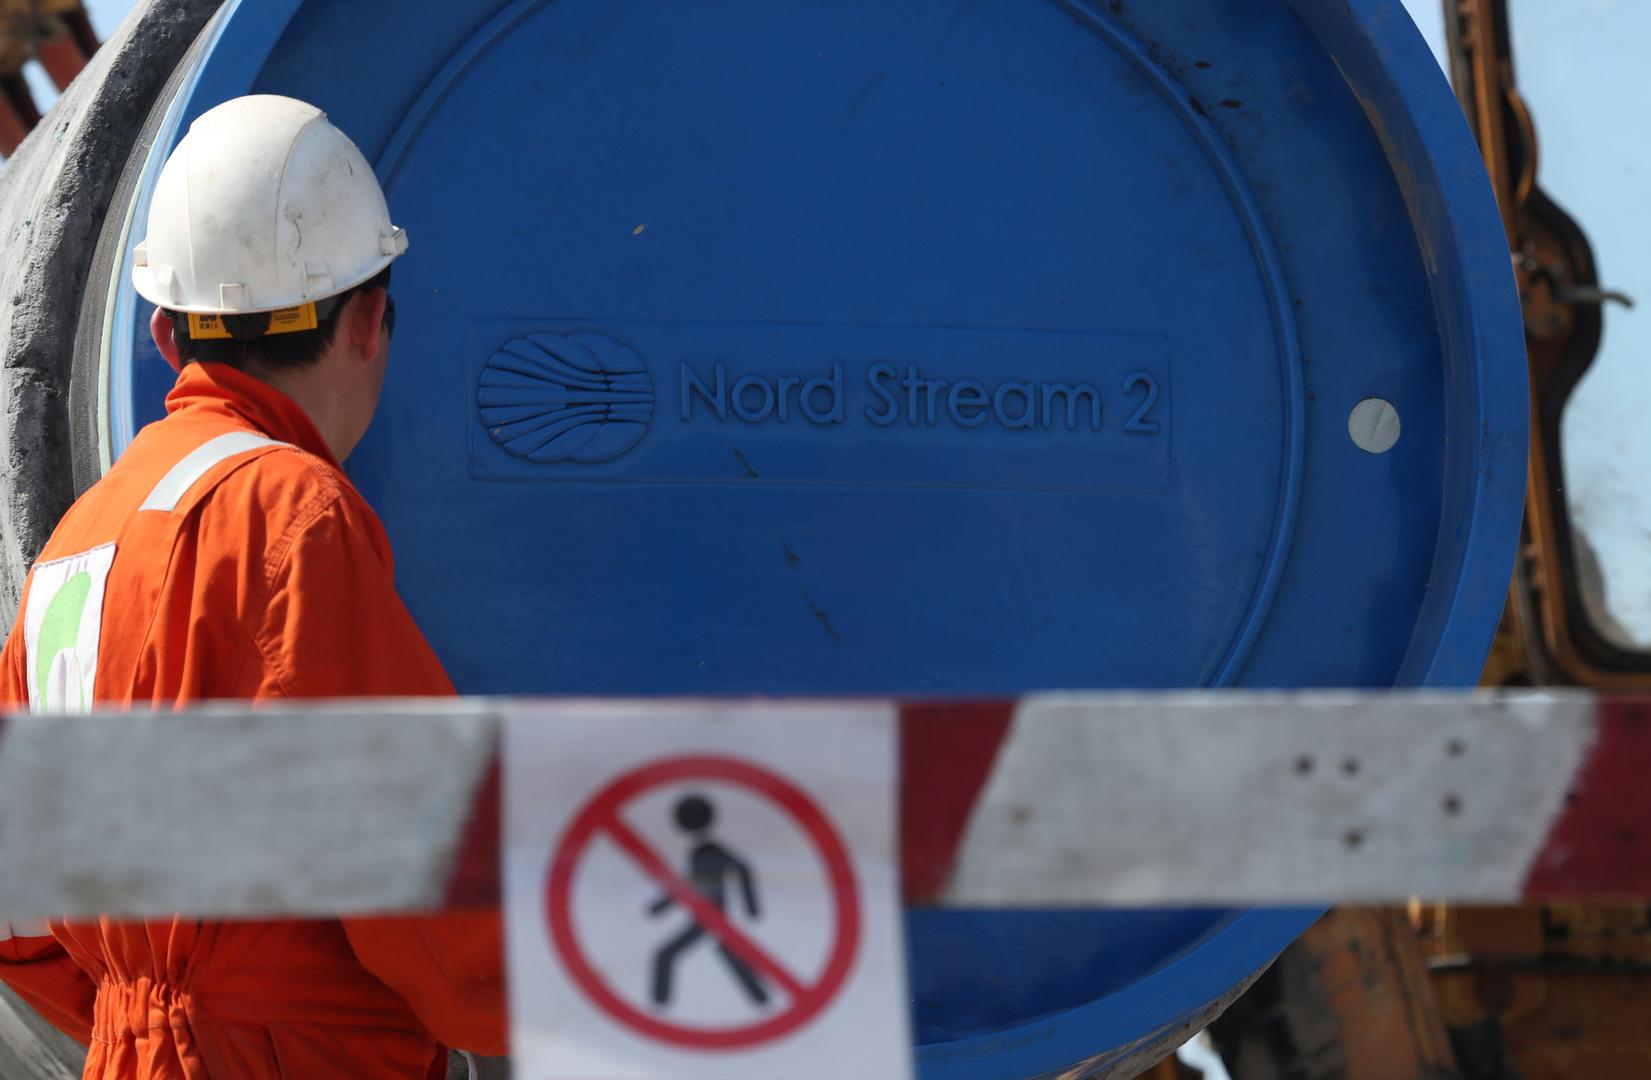 الكرملين يعلق على احتمال فرض عقوبات أمريكية جديدة على